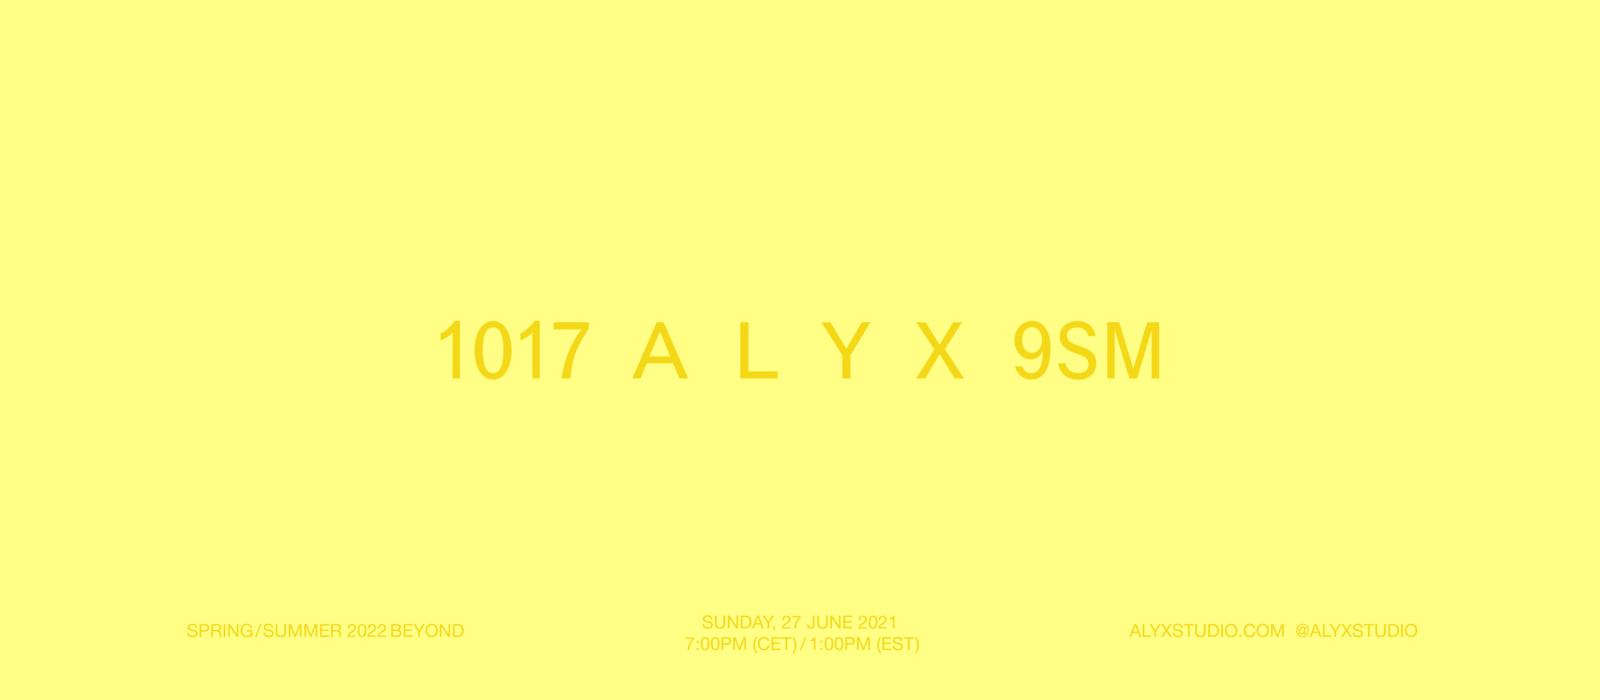 image002alyx